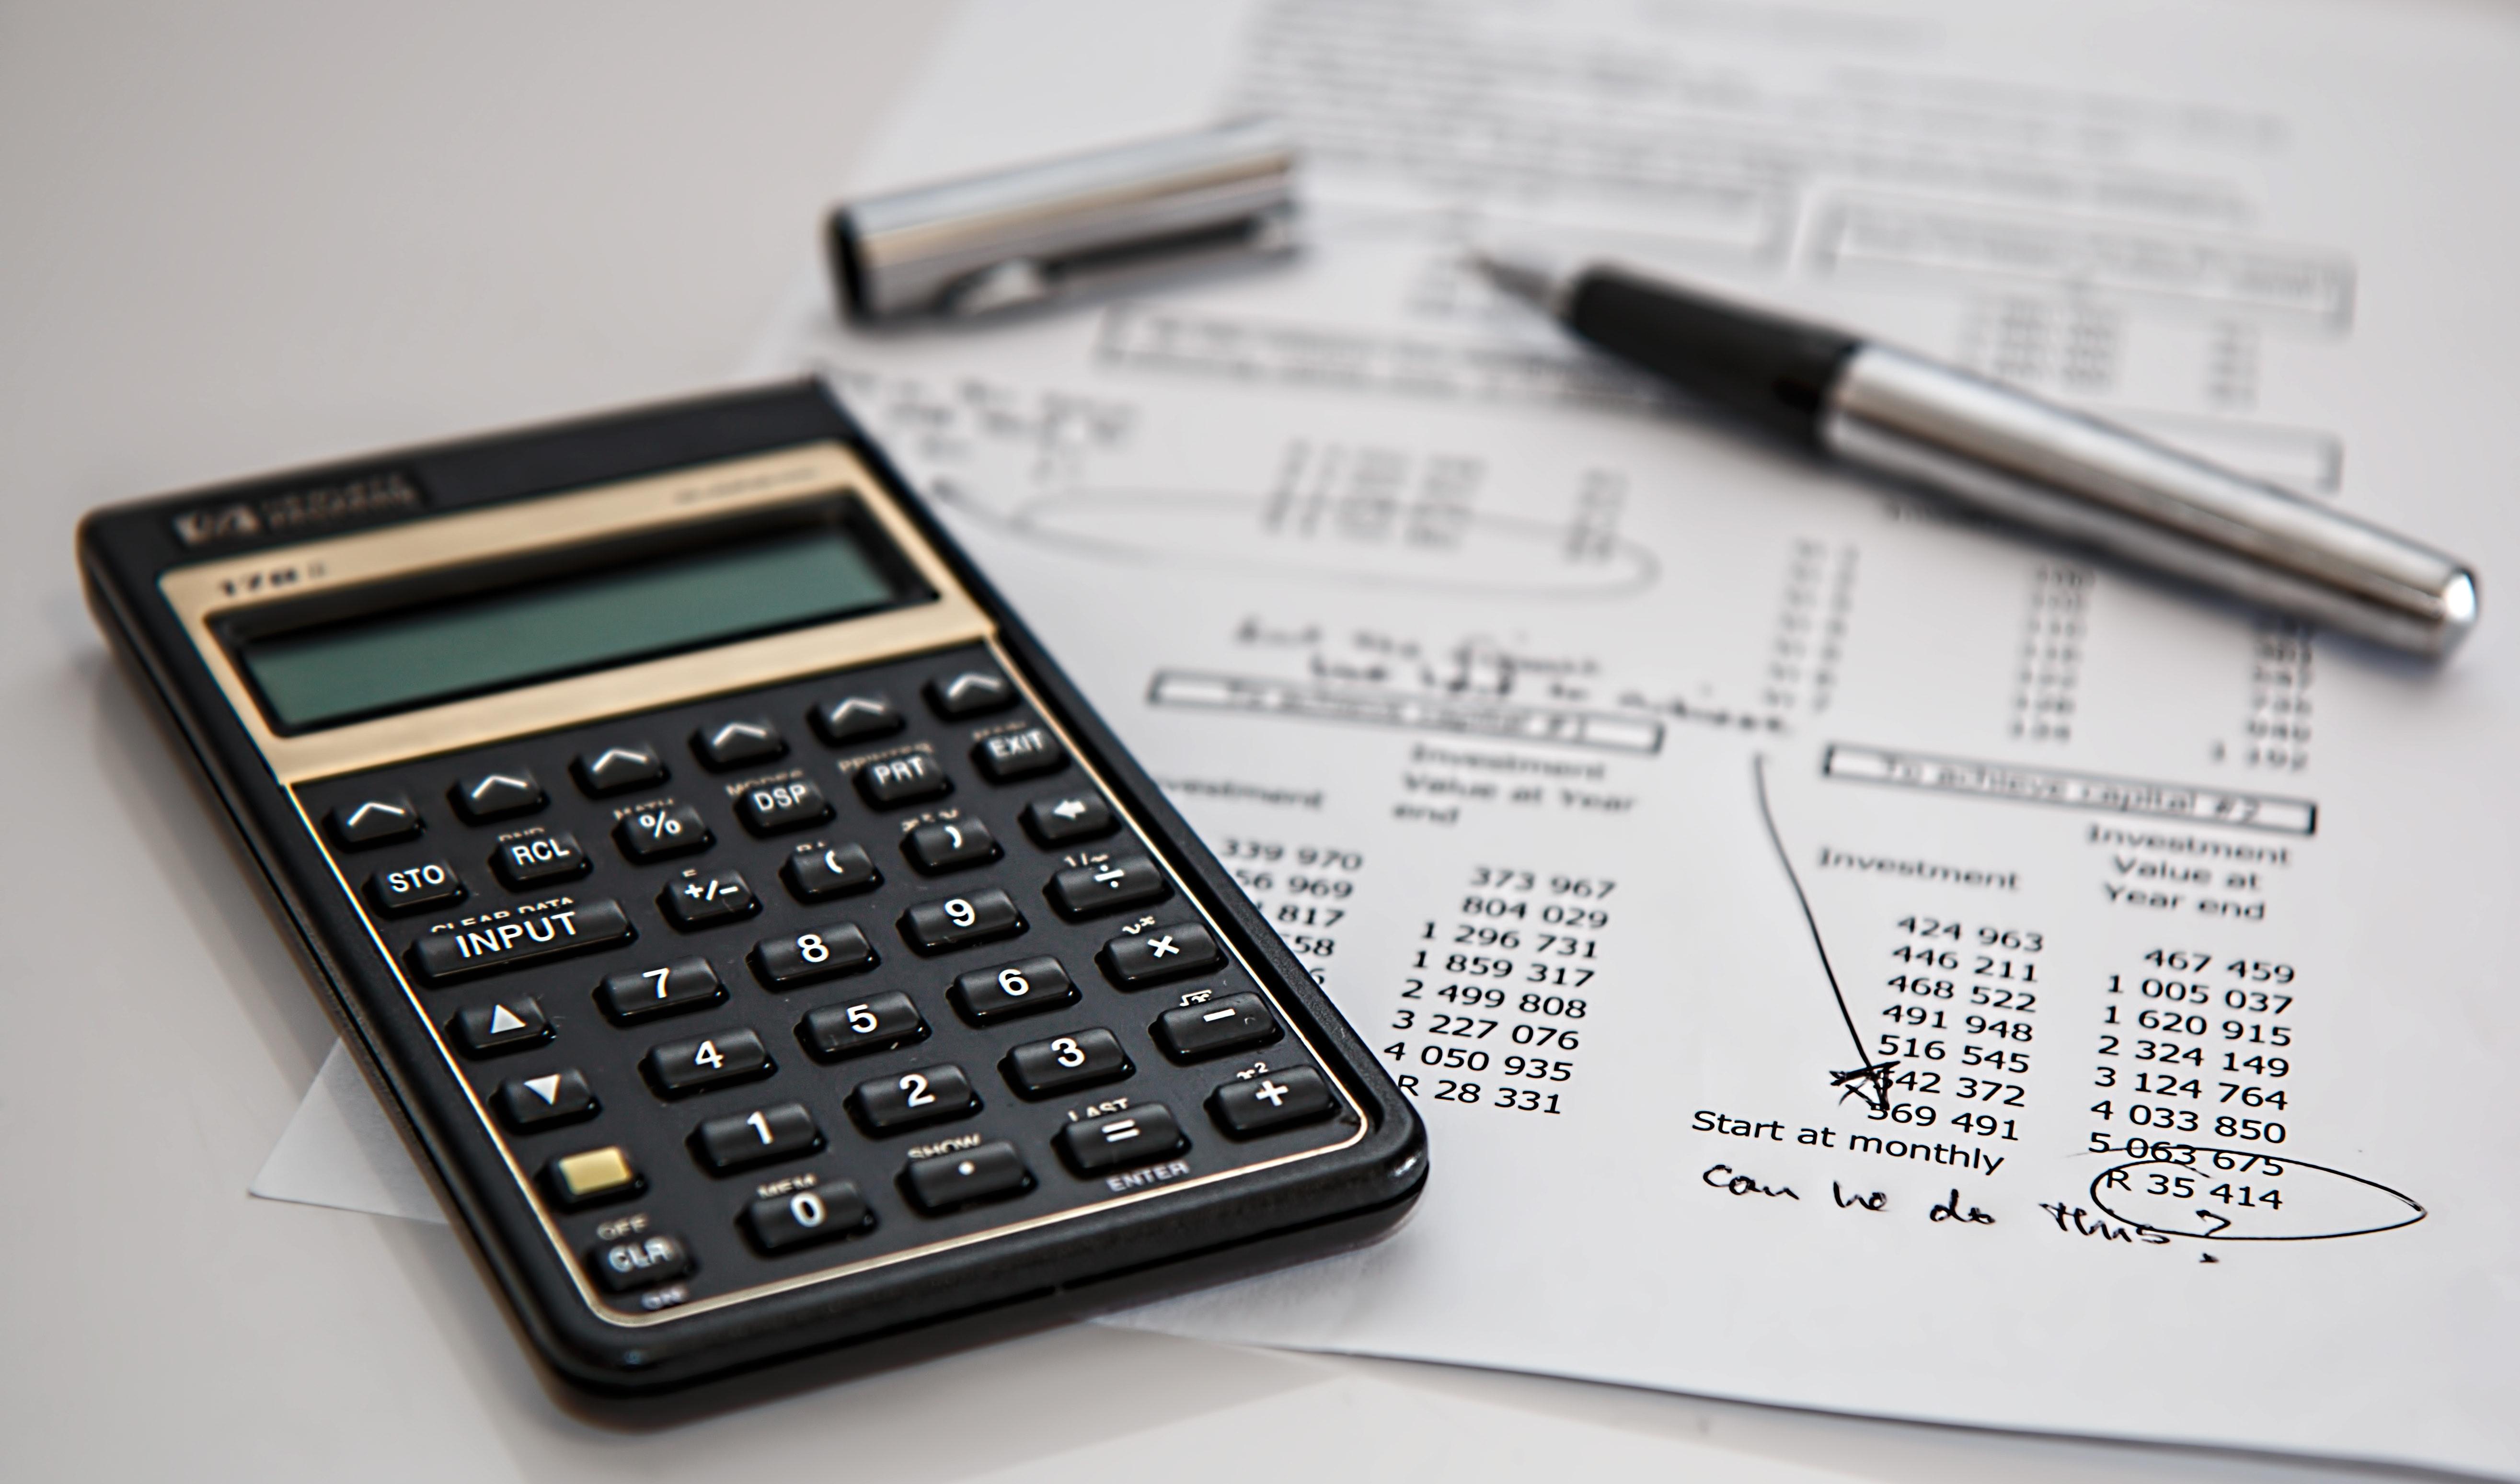 Cuentas contables Finutive